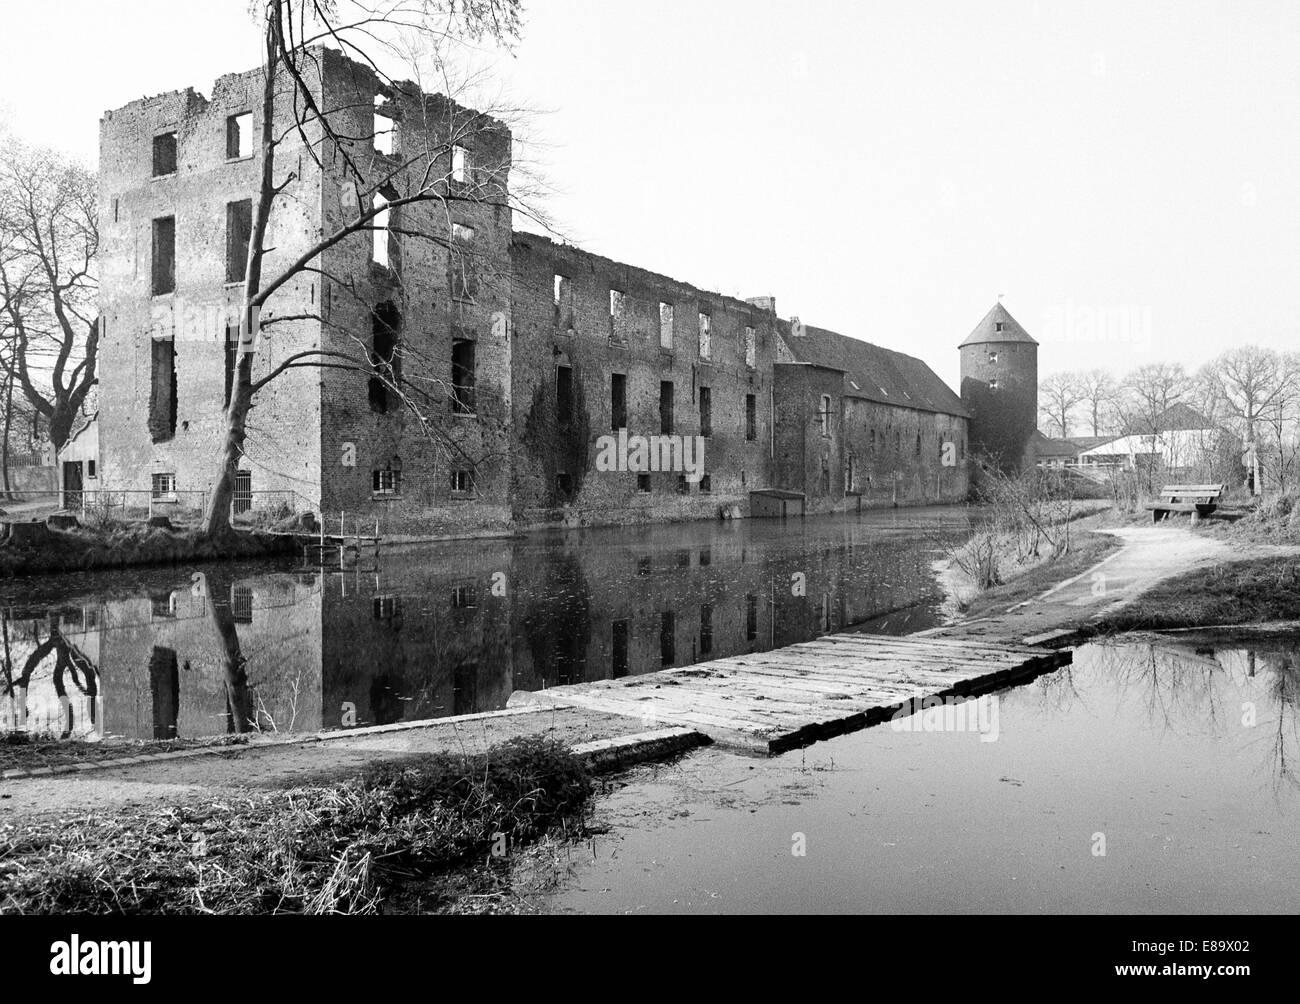 Achtziger Jahre, Burgruine Winnenthal, heute Seniorenresidenz und Altenheim, Xanten-Winnenthal, Niederrhein, Nordrhein - Stock Image